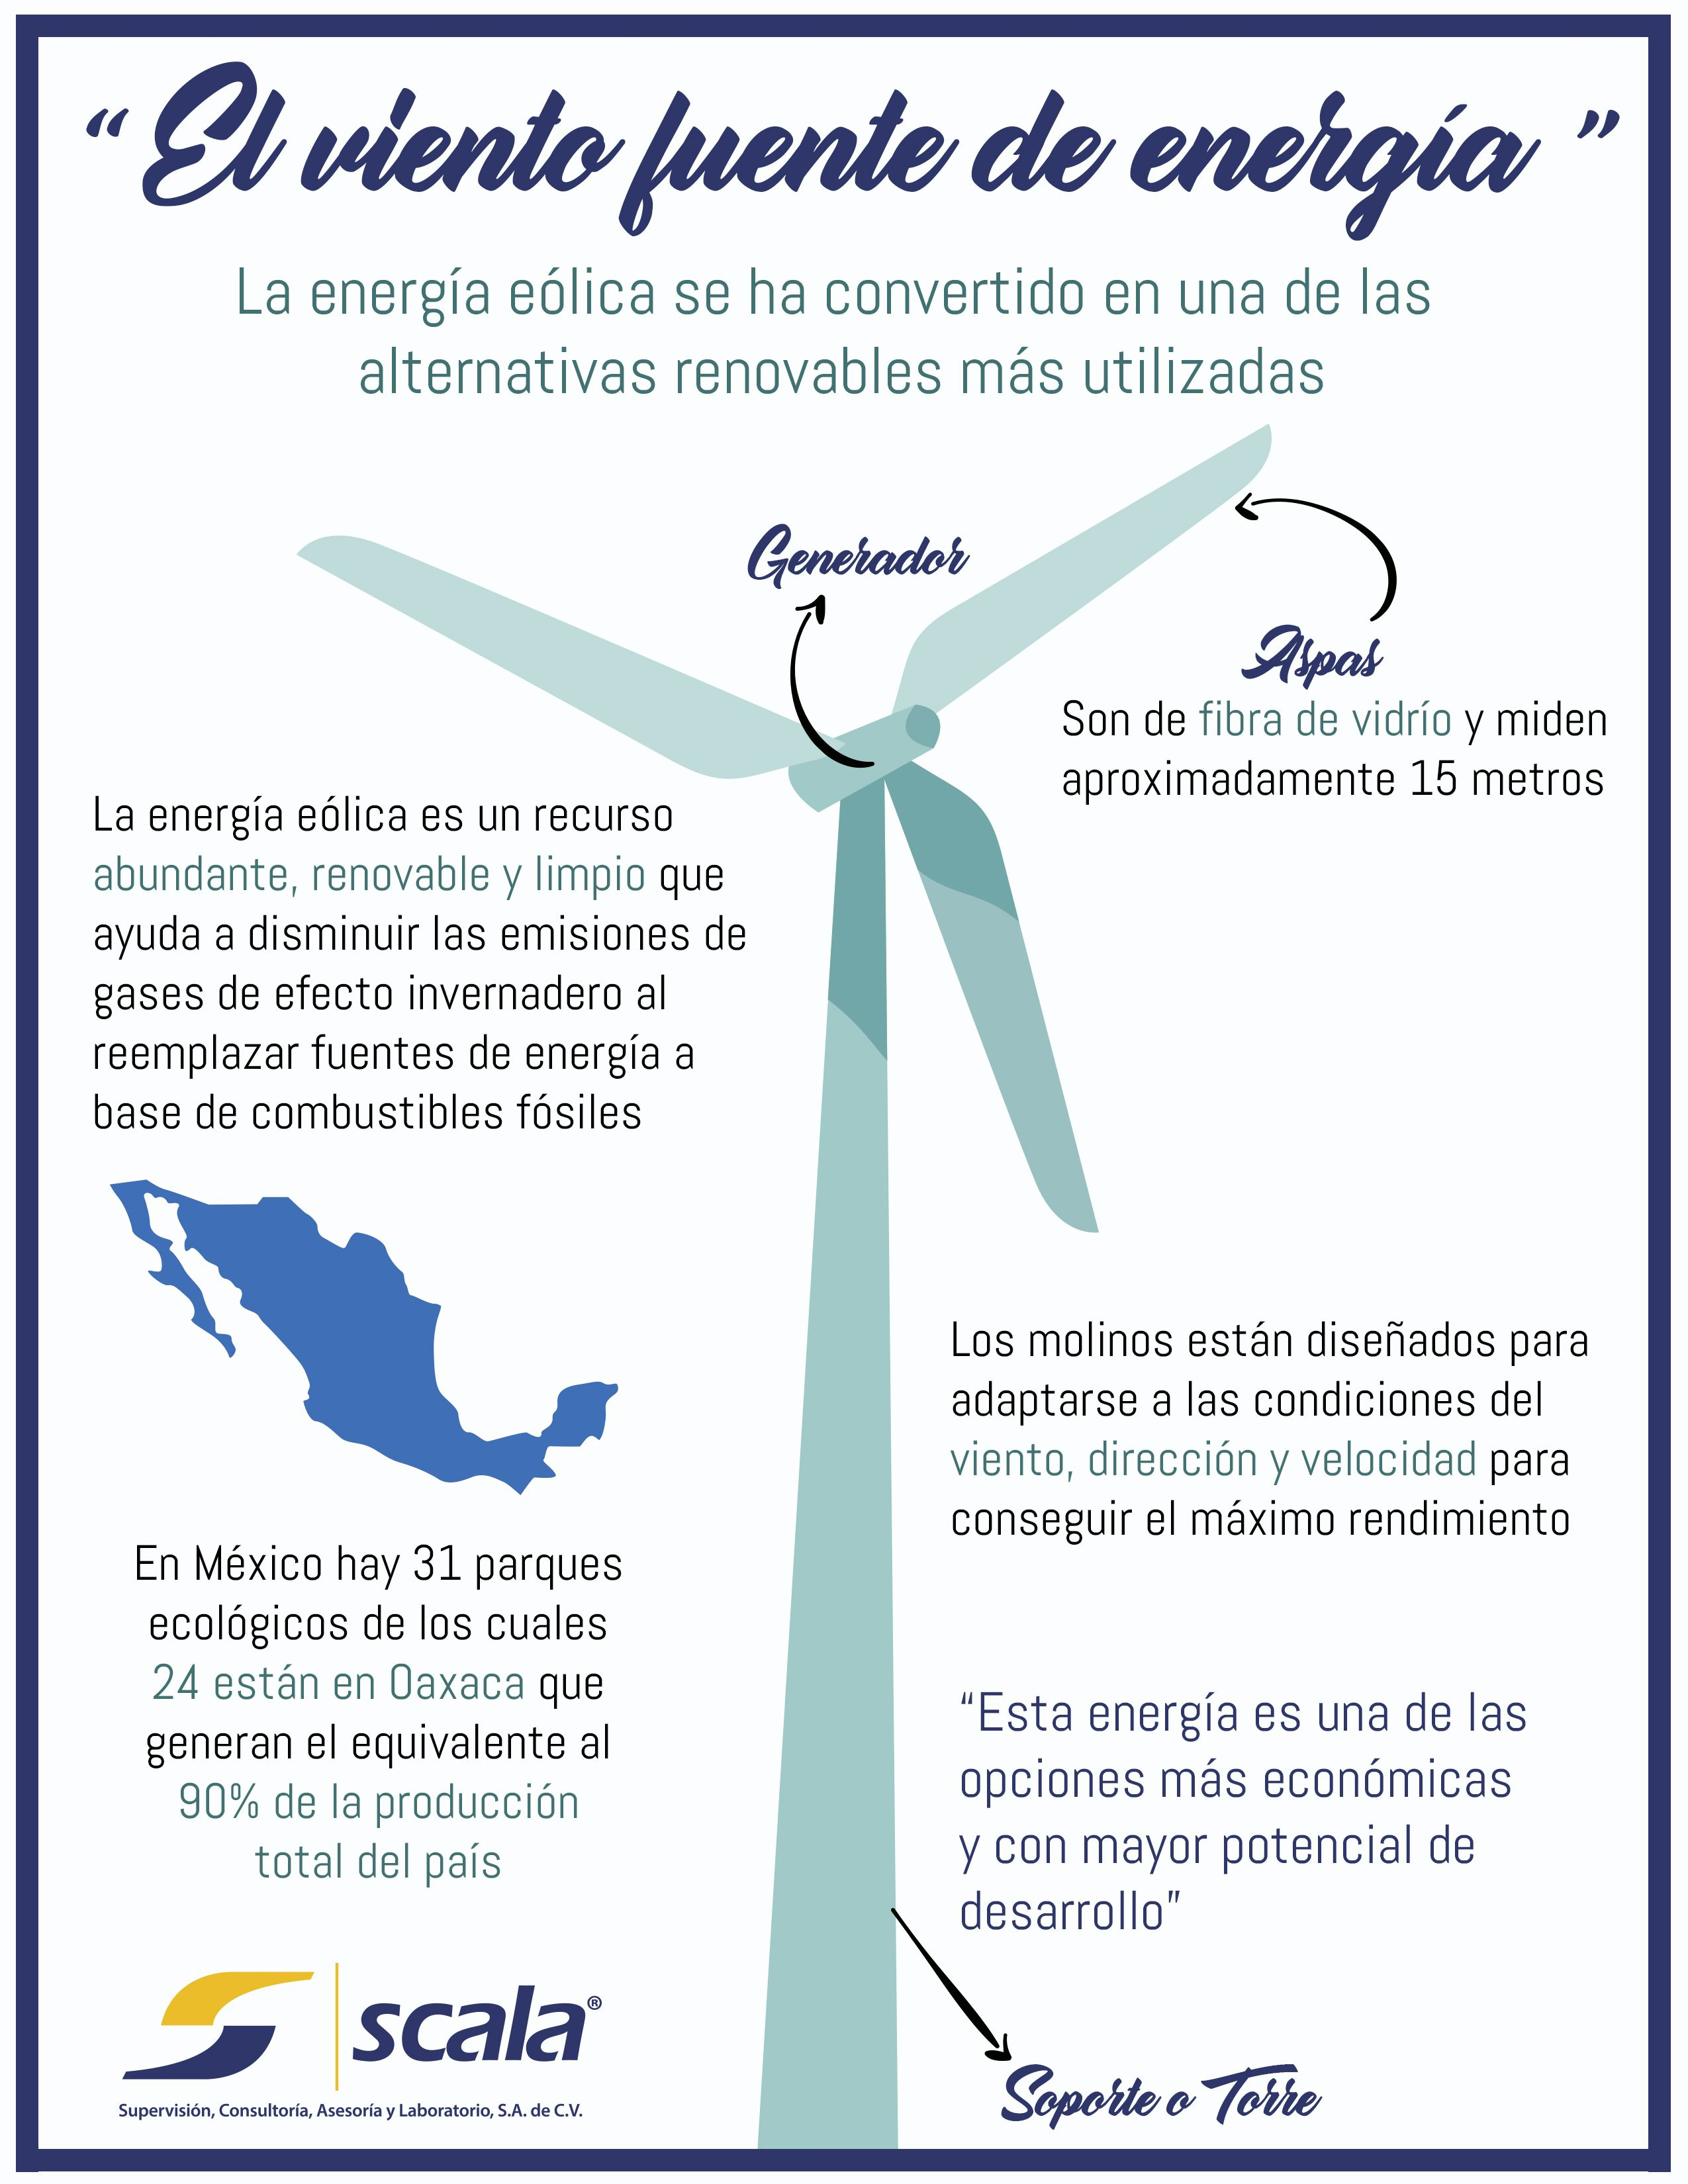 Energia Eolico Energia Eolica Fuentes De Energia Energia